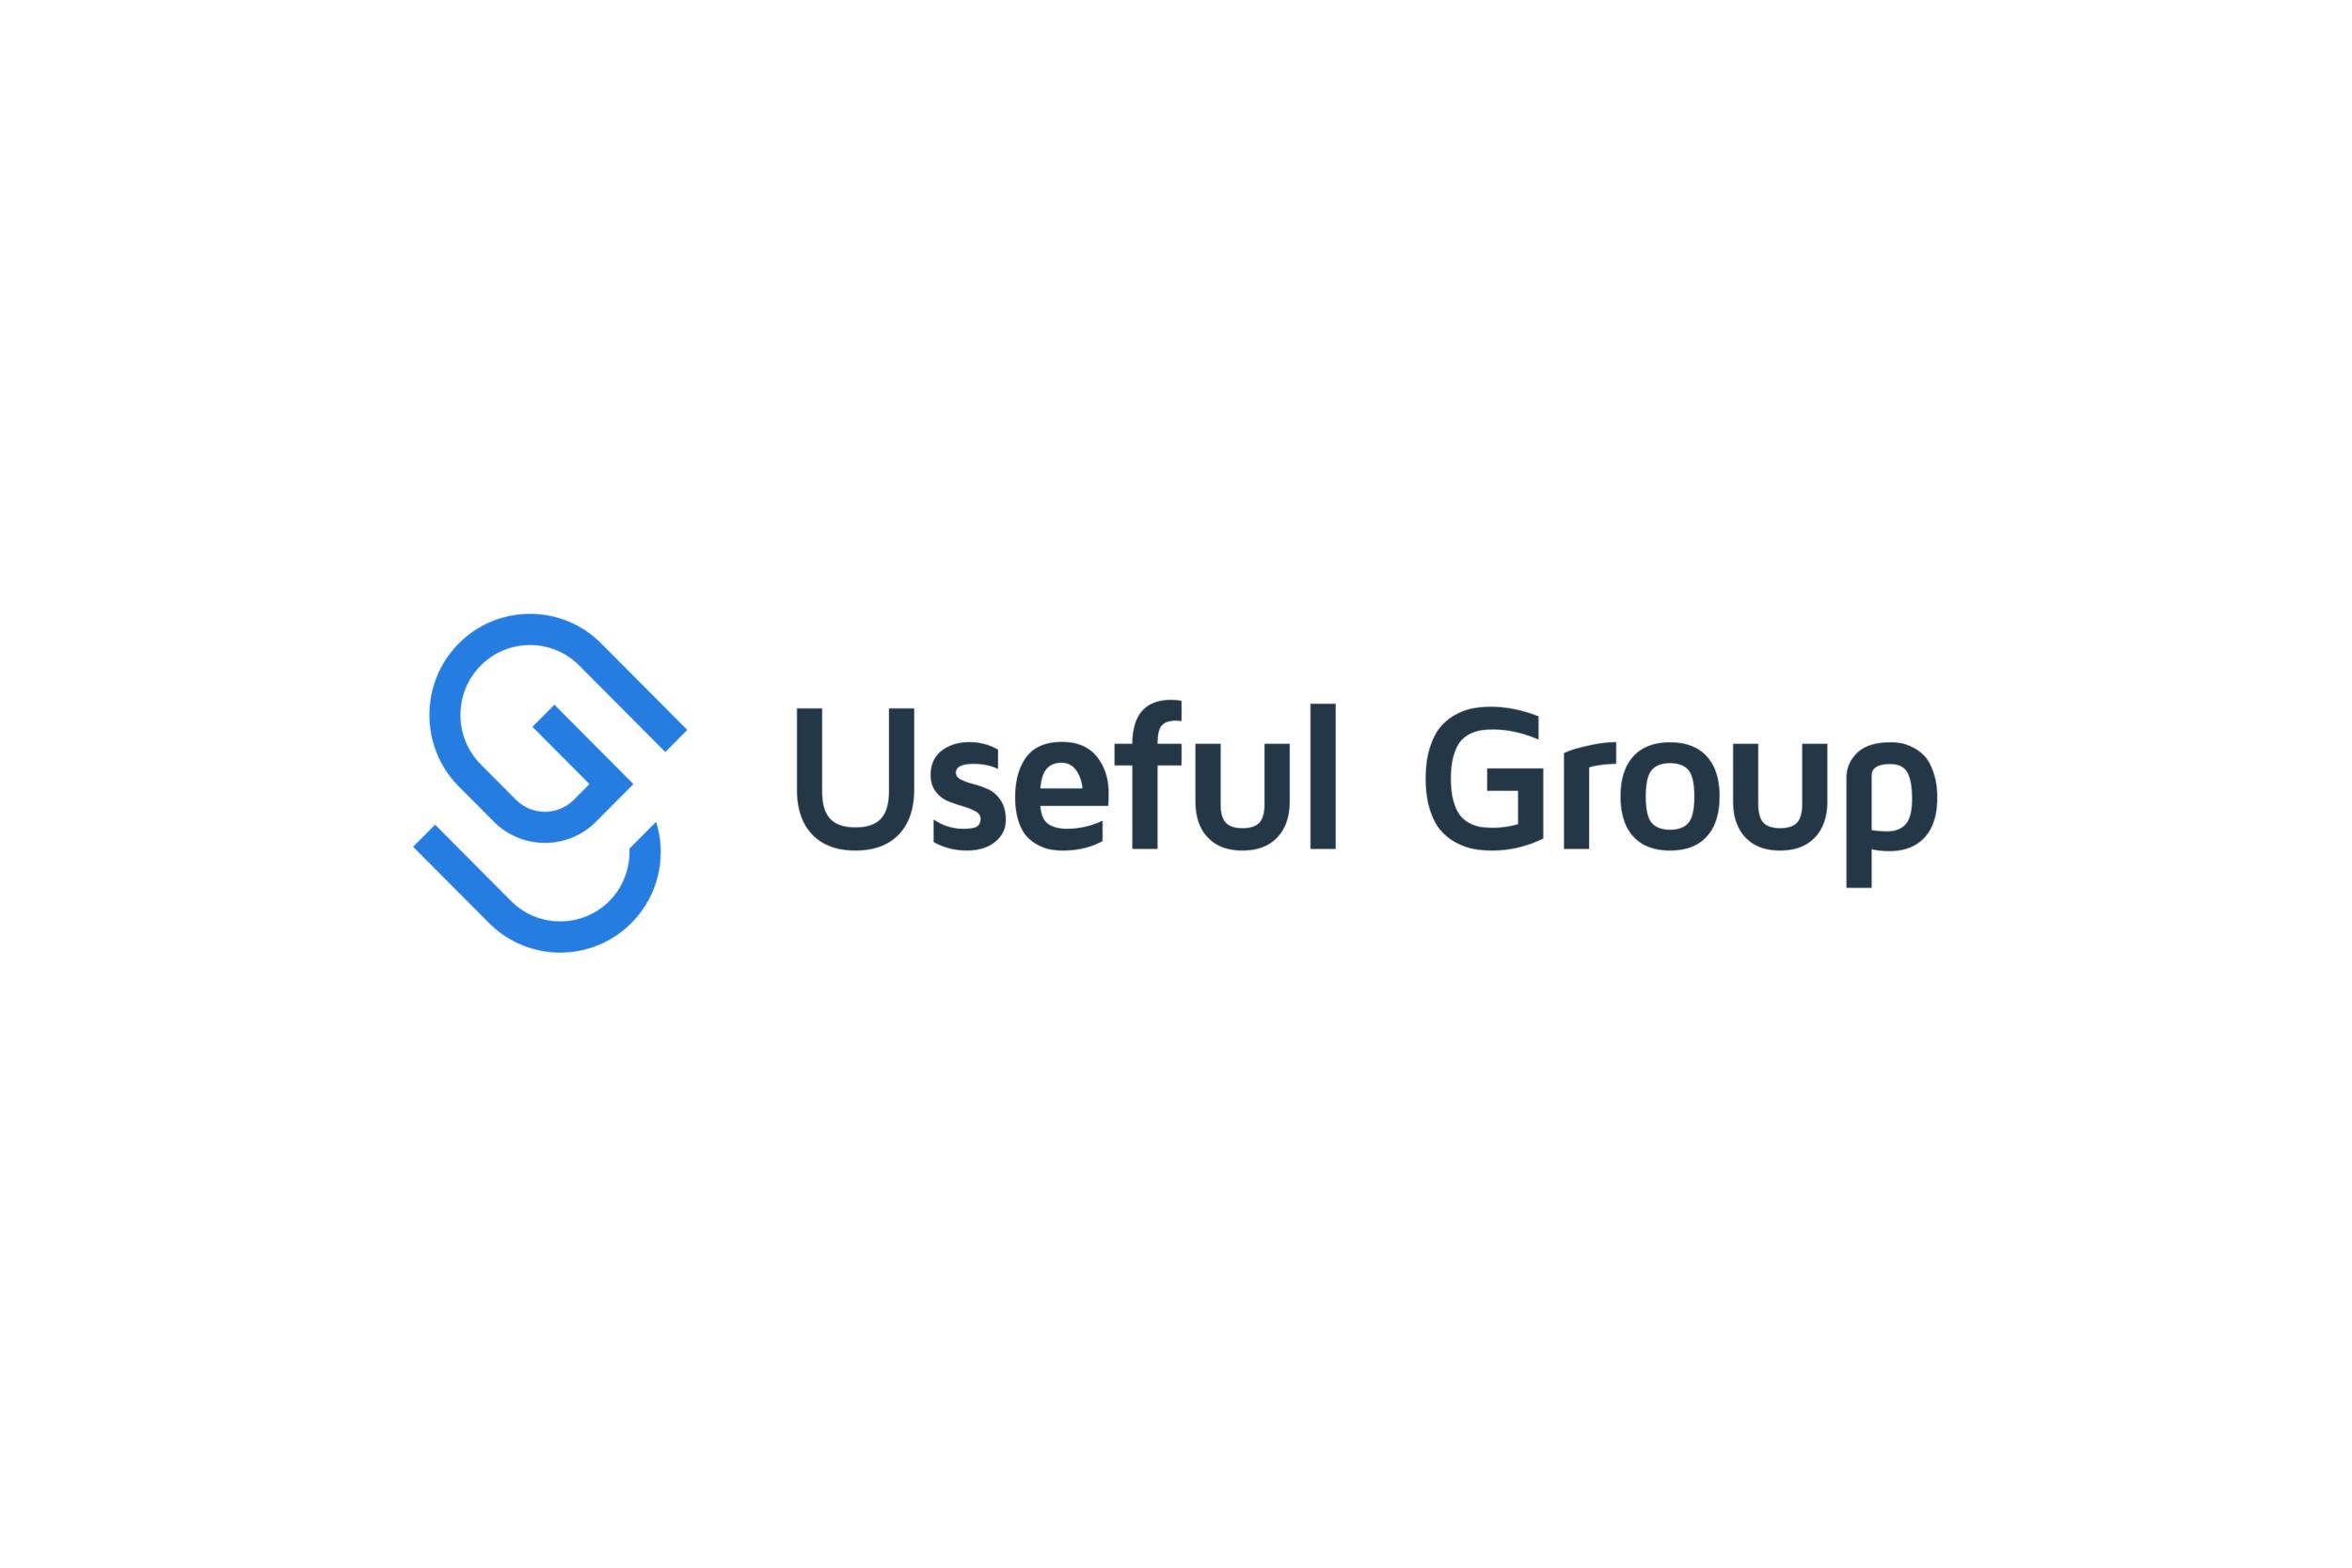 UG-logo.png